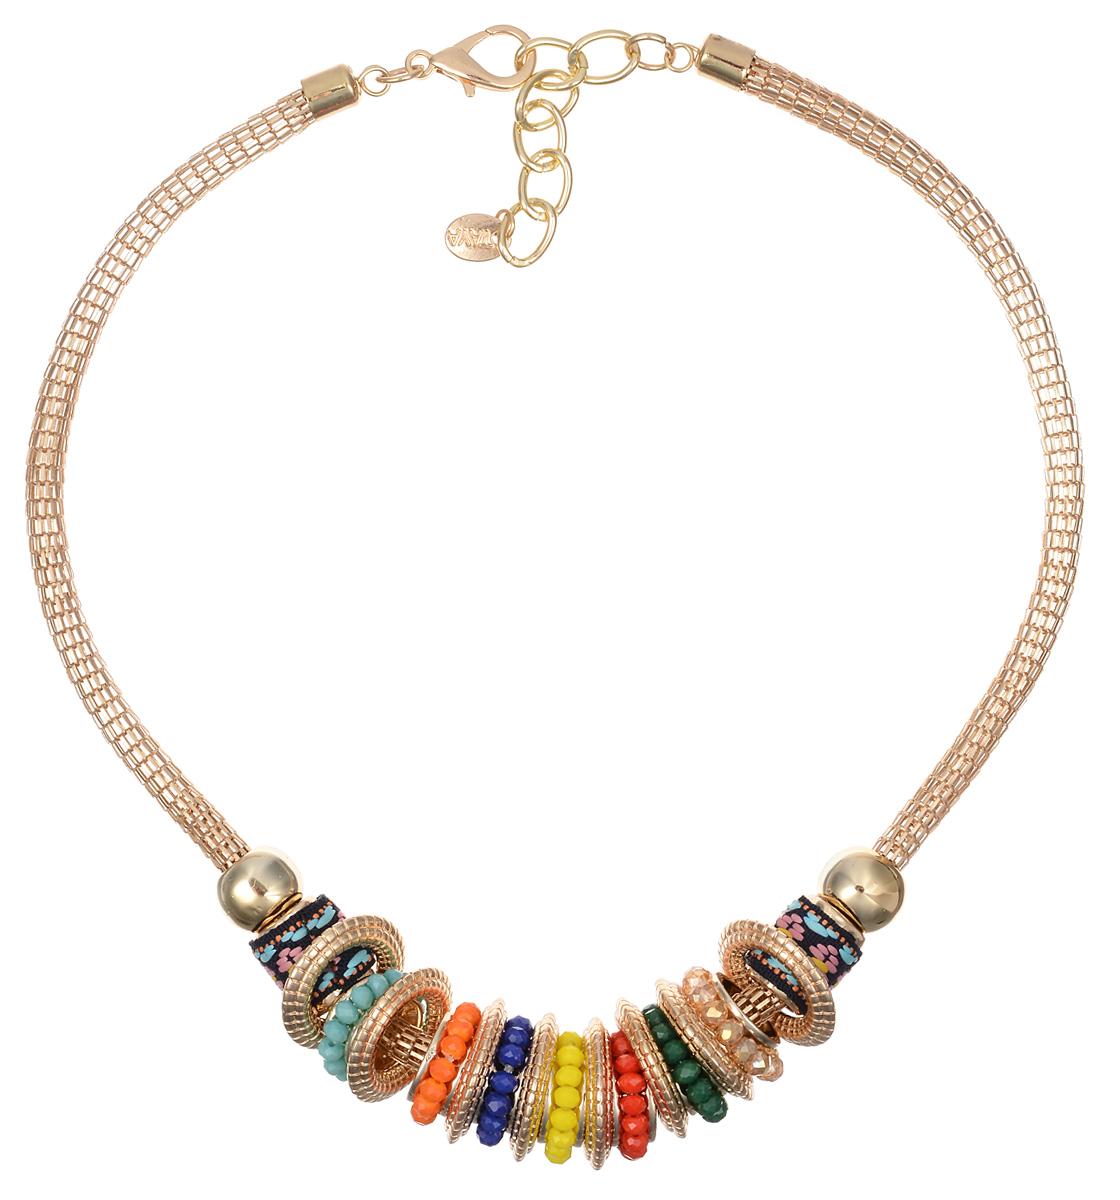 Колье Taya, цвет: мультиколор, золотистый. T-B-10121T-B-10121-NECK-MULTIОригинальное колье Taya будет потрясающе смотреться на шее своей обладательницы. Изделие выполнено из металлического сплава в виде цепочки оригинального плетения, на которой свободно перемещаются объемные круглые золотистые кольца, сплетенные из бисера подвески и металлические элементы, украшенные тесьмой. Прелесть этого украшения в том, что любую деталь можно снять и расположить в нужном только вам порядке. Можно даже оставить одно кольцо и носить колье как амулет. Колье застегивается на застежку-карабин с регулирующей длину цепочкой. Такое украшений поможет вам создать уникальный и запоминающийся образ и позволит выделиться среди окружающих.